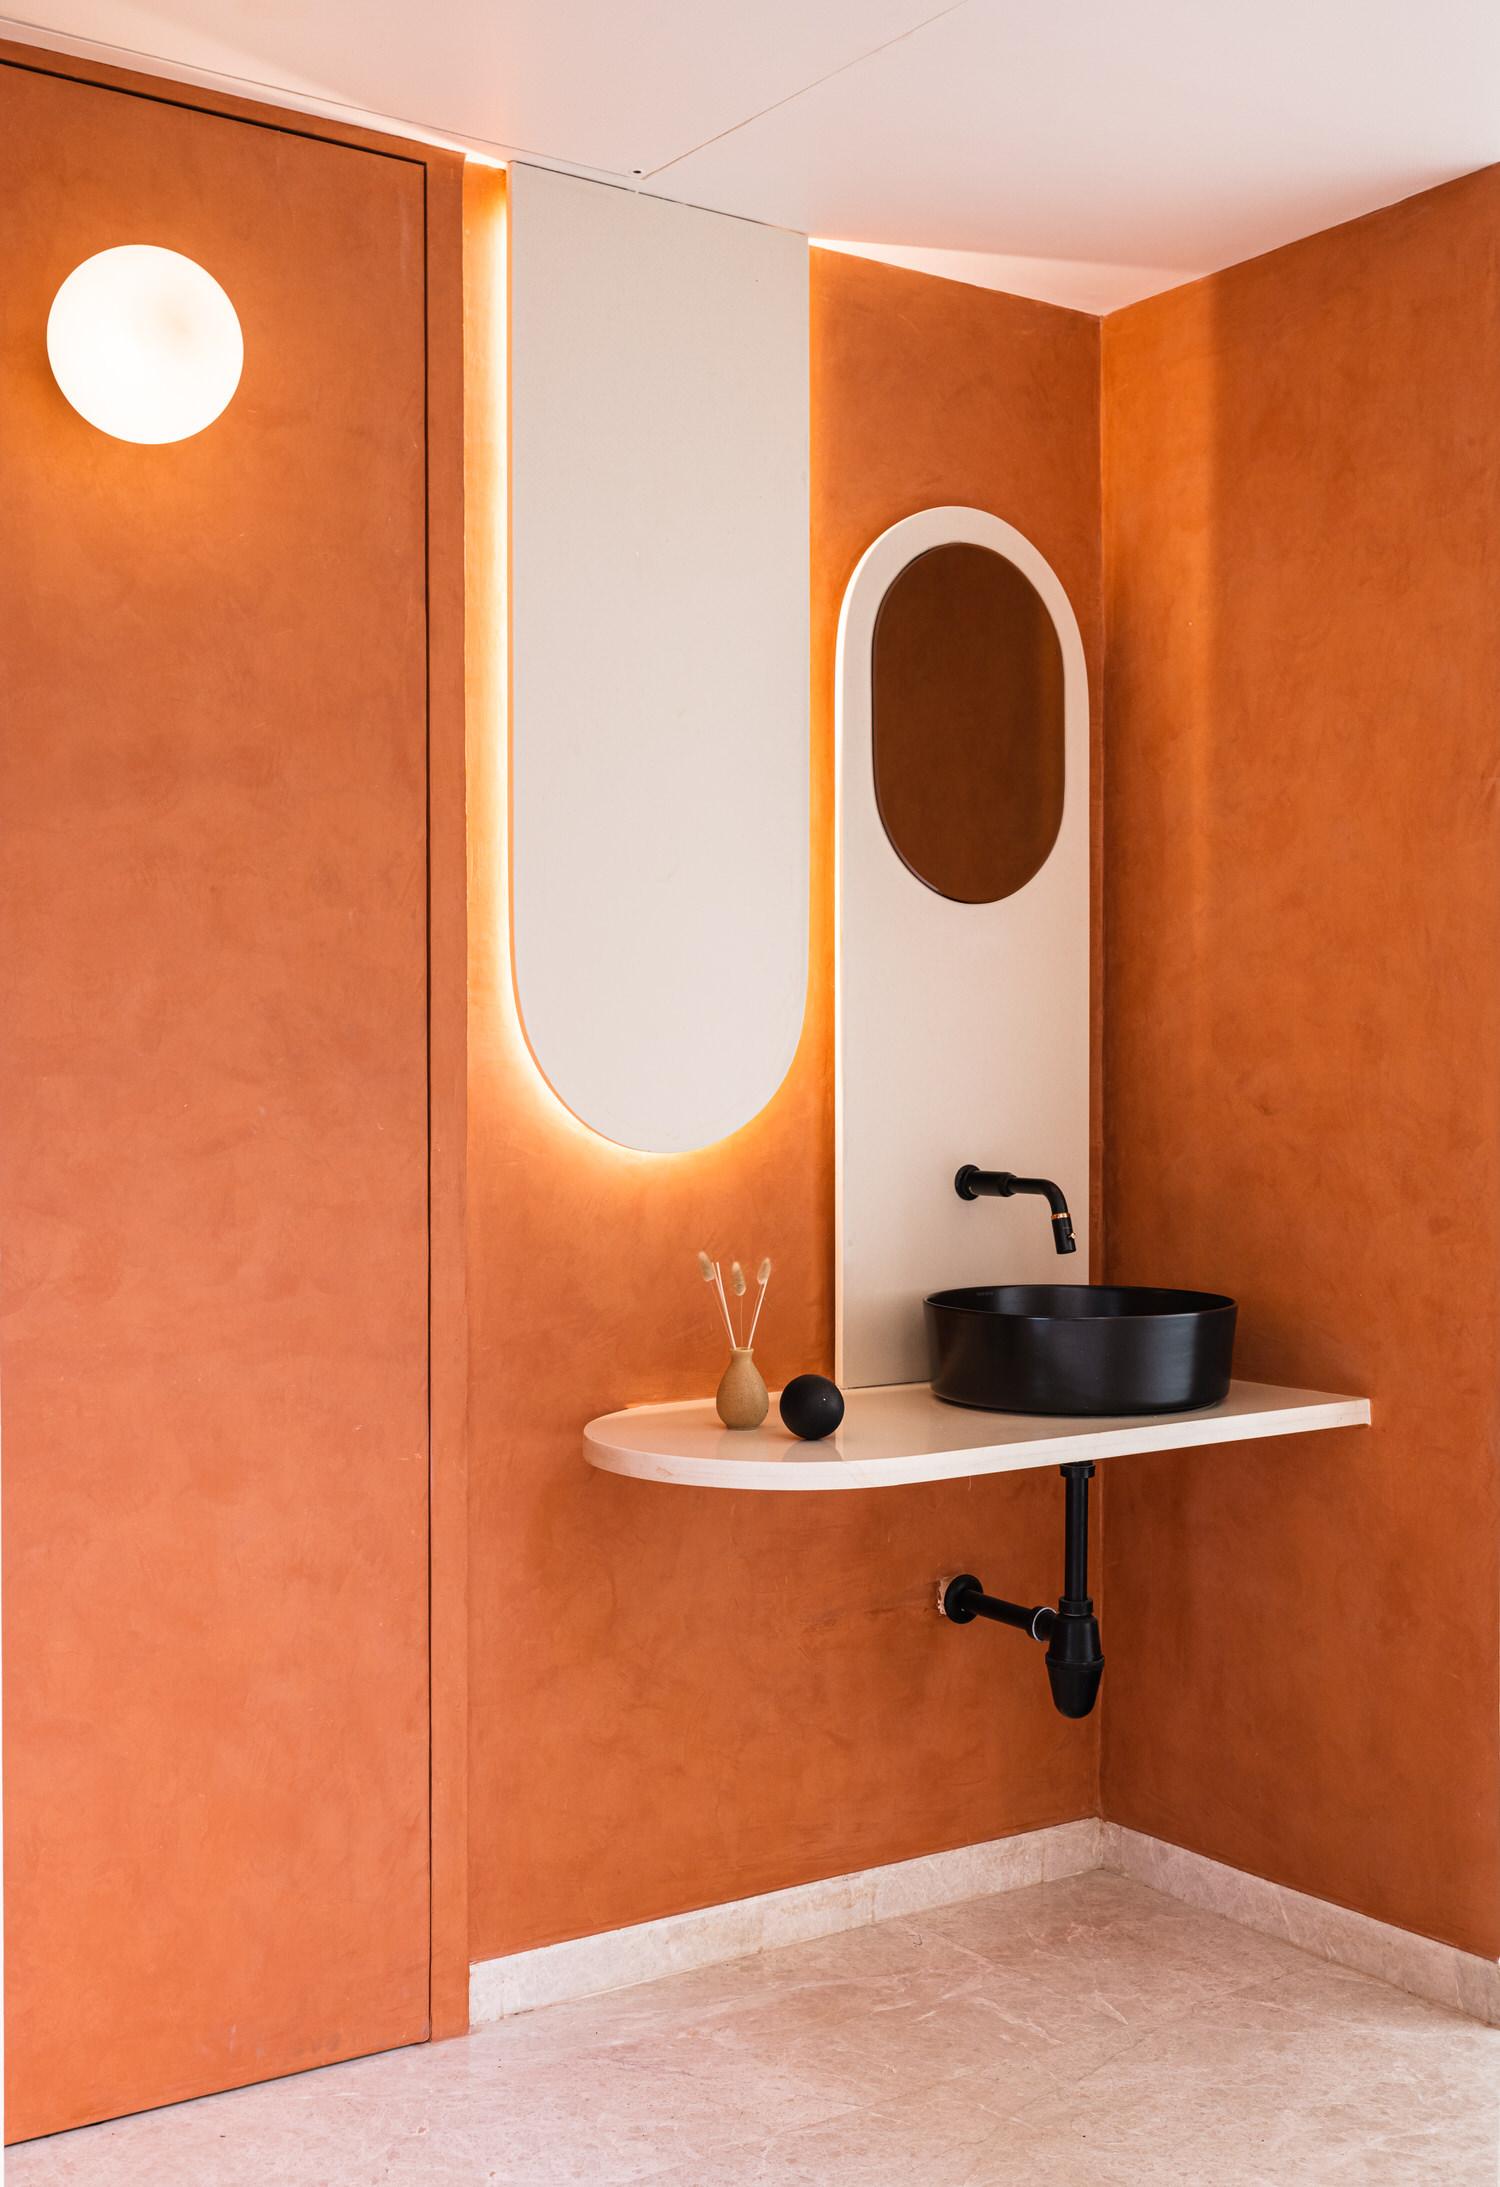 The Act Of Quad Mumbai Apartment Interior Design Yellowtrace 41